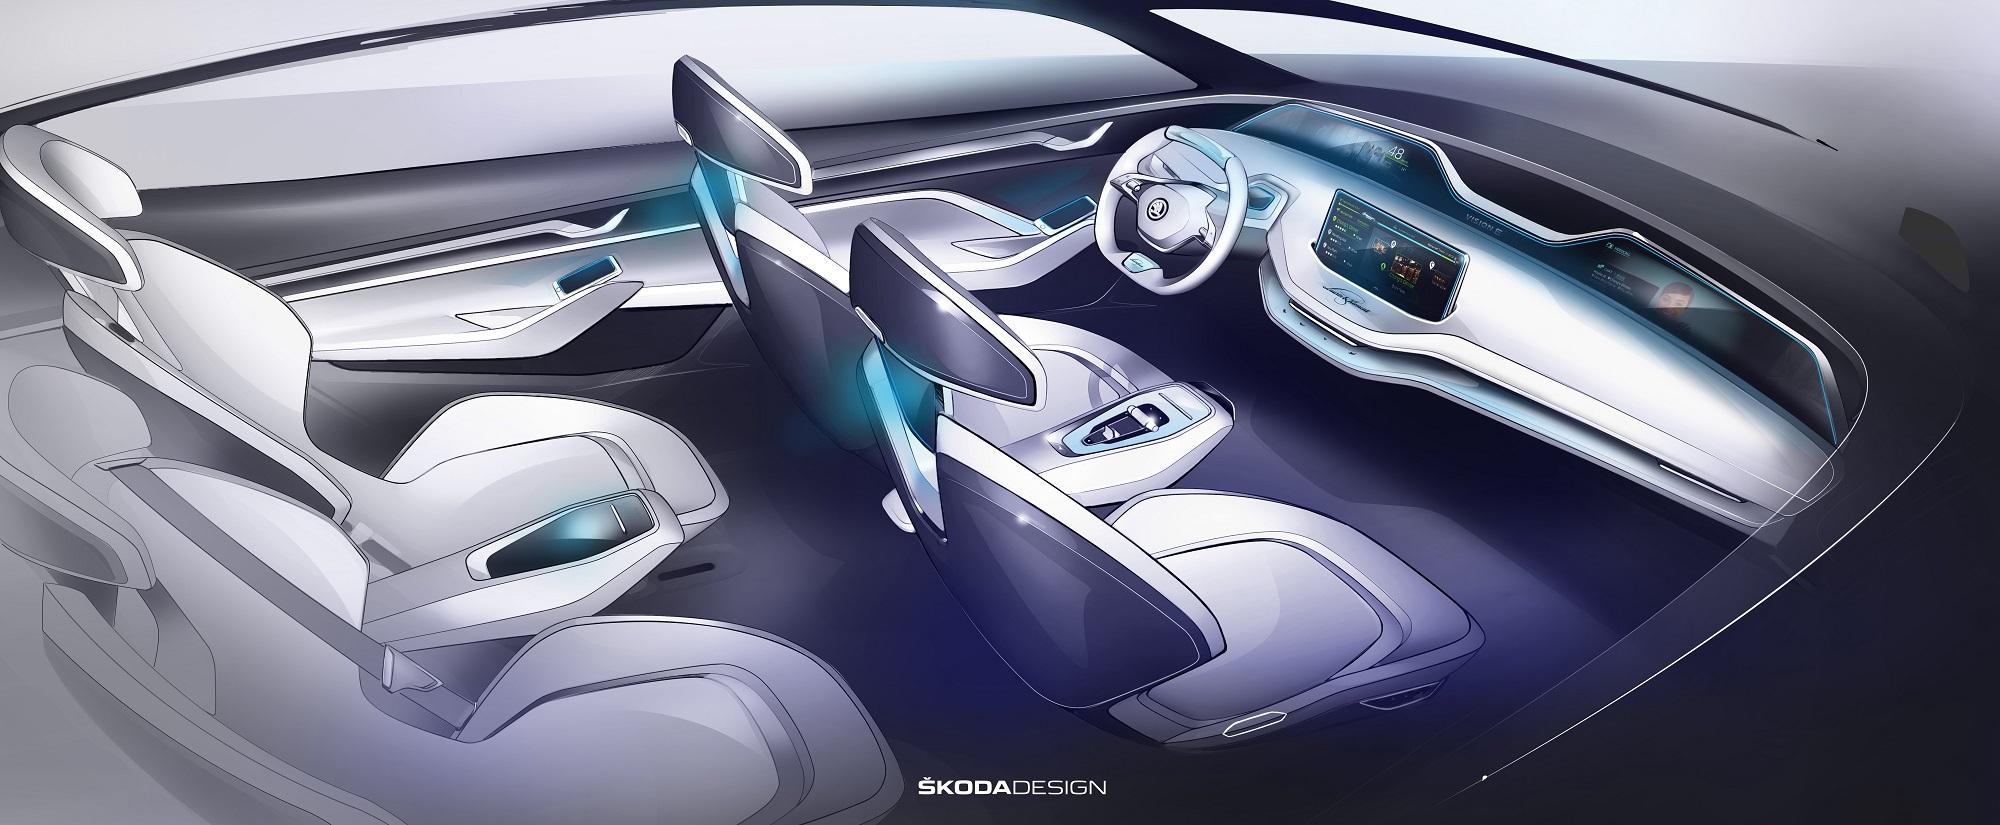 Skoda показала интерьер электрического кроссовера 2